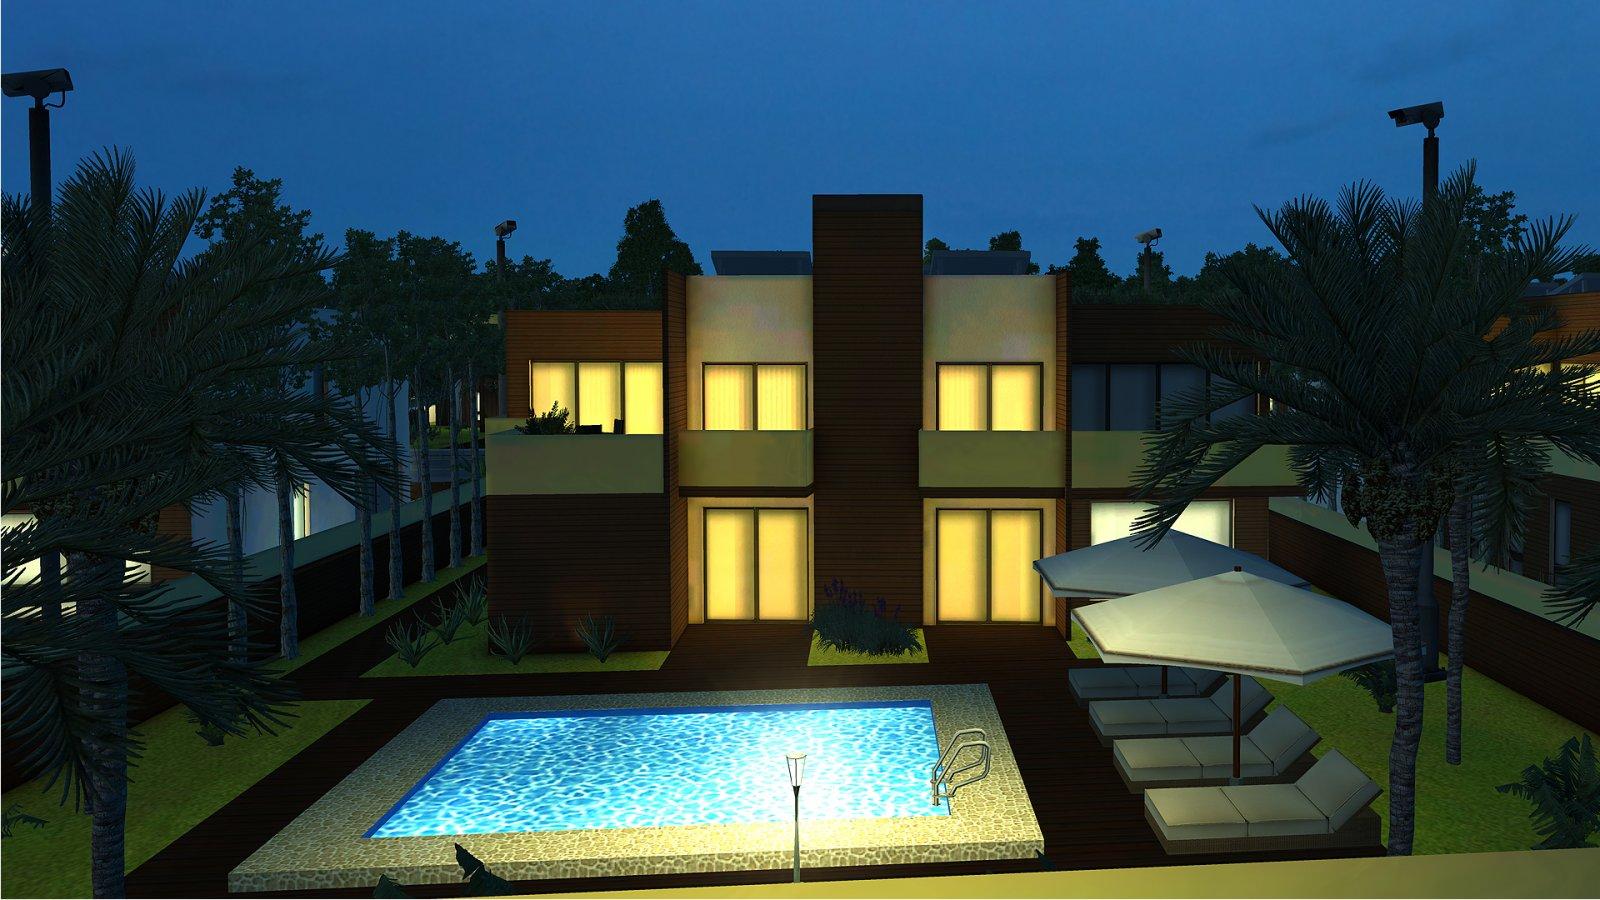 house3_4.jpg